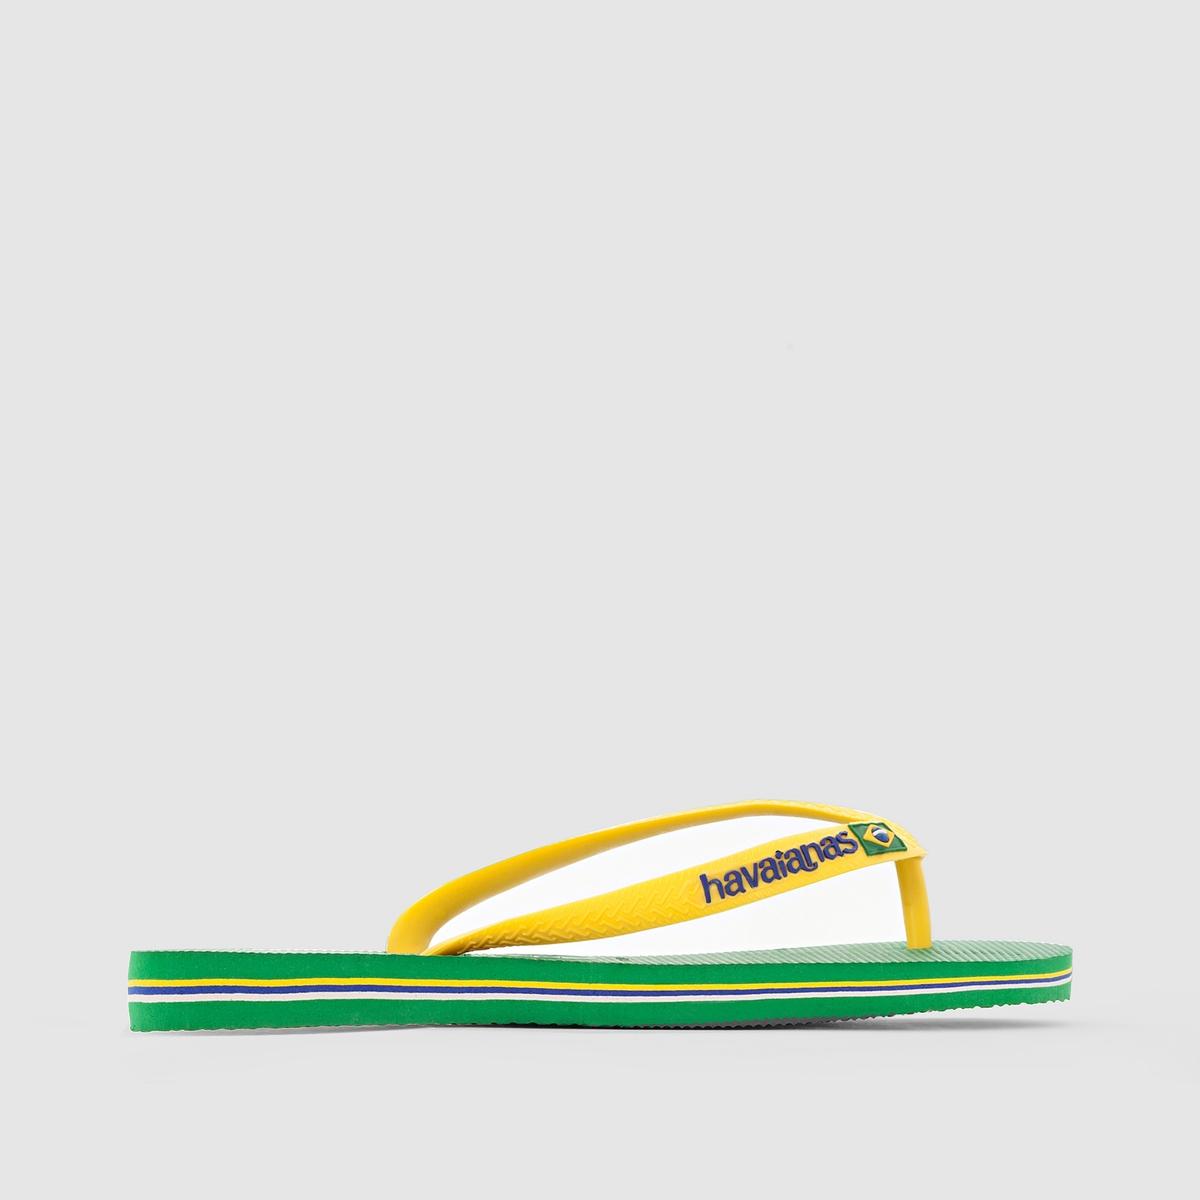 Вьетнамки Brazil LogoВерх : каучук               Стелька : каучук               Подошва : каучук               Застежка : без застежки               Преимущества : В этих вьетнамках, бразильский стиль  которых отражается  в мельчайших деталях, Вы с легкостью проходите весь сезон<br><br>Цвет: зеленый<br>Размер: 45/46